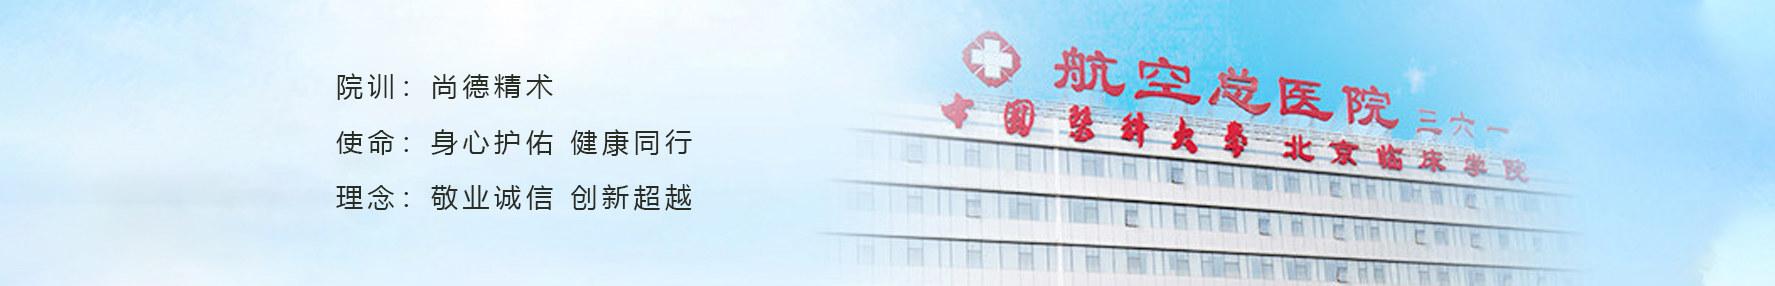 北京治疗偏头痛多少钱